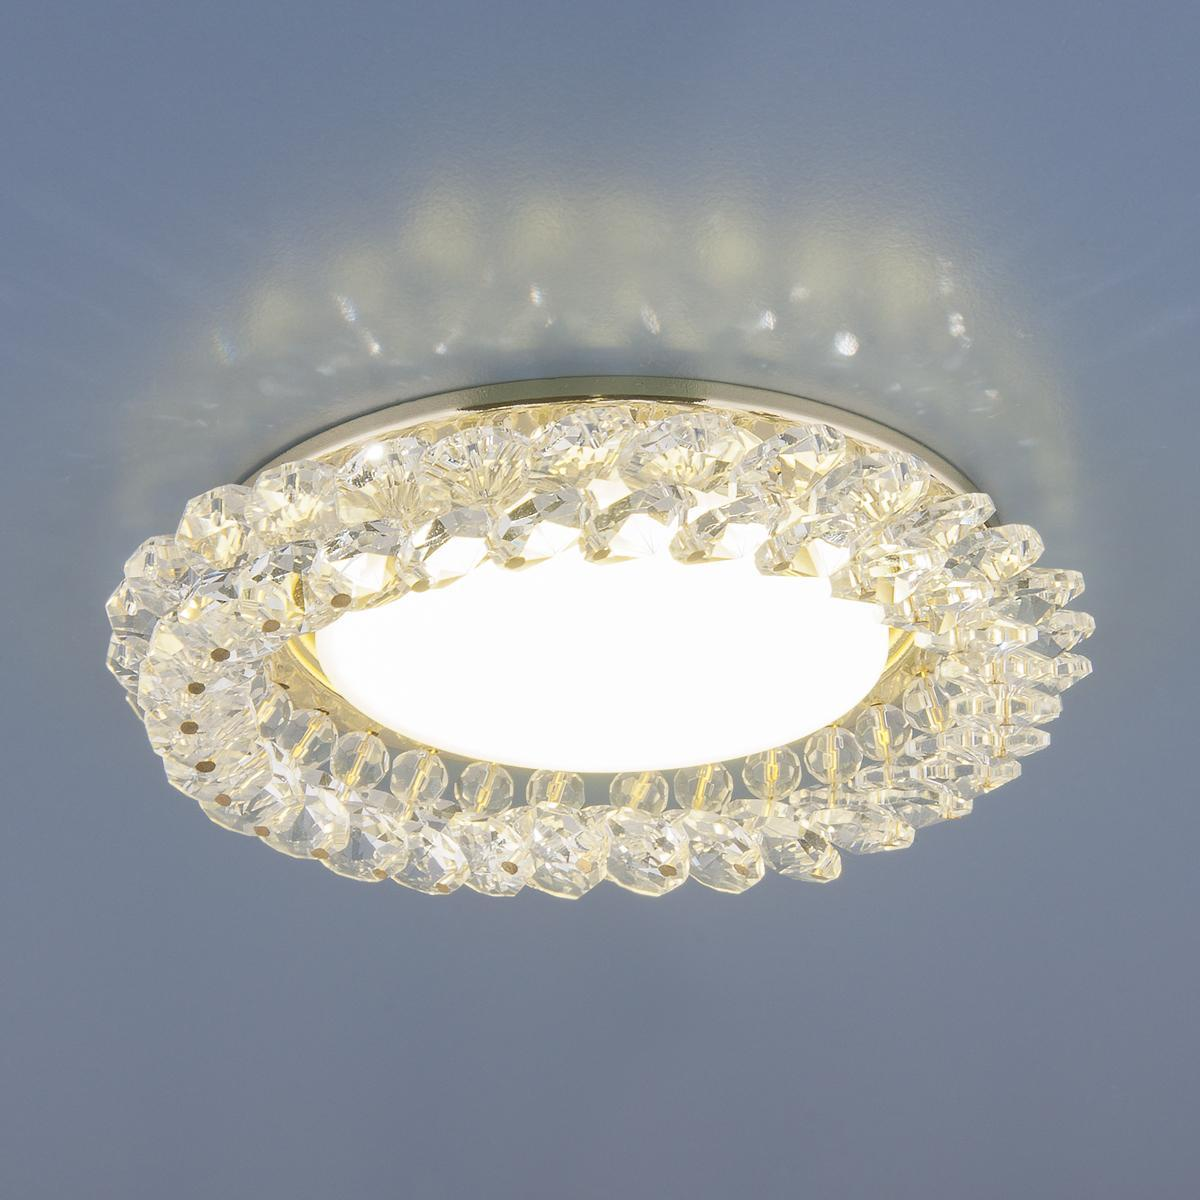 Встраиваемый светильник Elektrostandard 1063 GX53 GD/CL золото/прозрачный 4690389075674 встраиваемый светильник elektrostandard 1063 gx53 ch cl хром прозрачный 4690389075667